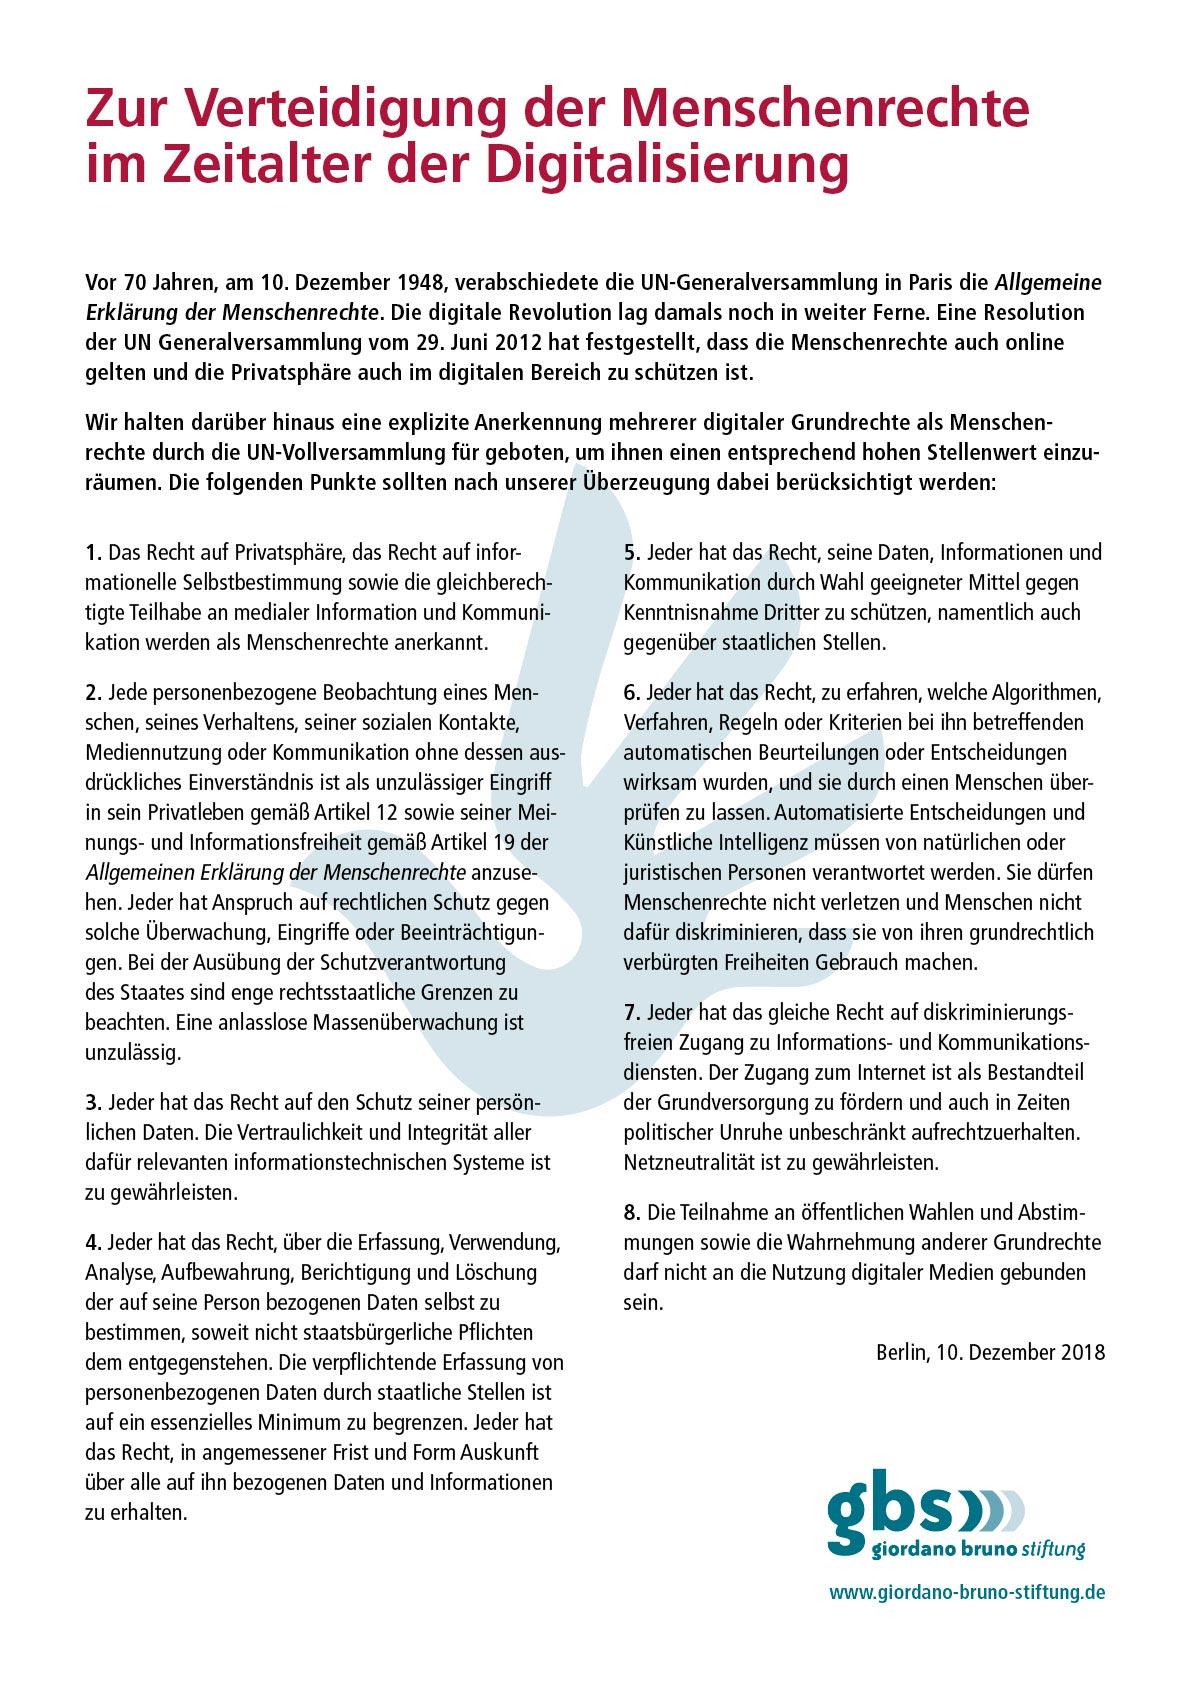 Dokument: Zur Verteidigung der Menschenrechte im Zeitalter der Digitalisierung